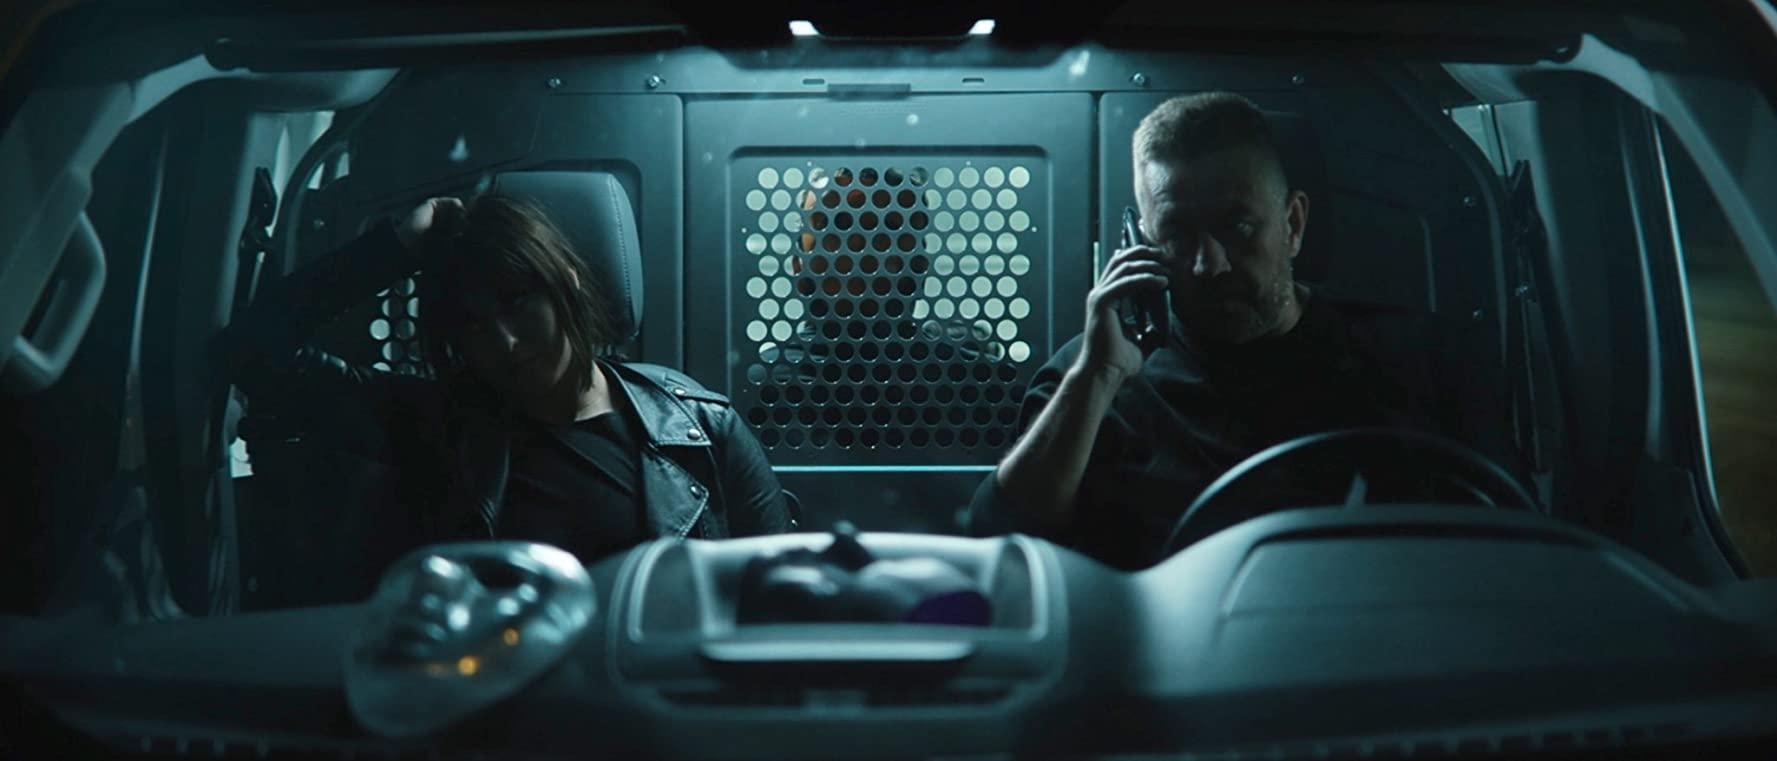 مشاهدة فيلم Eternal Code (2019) مترجم HD اون لاين